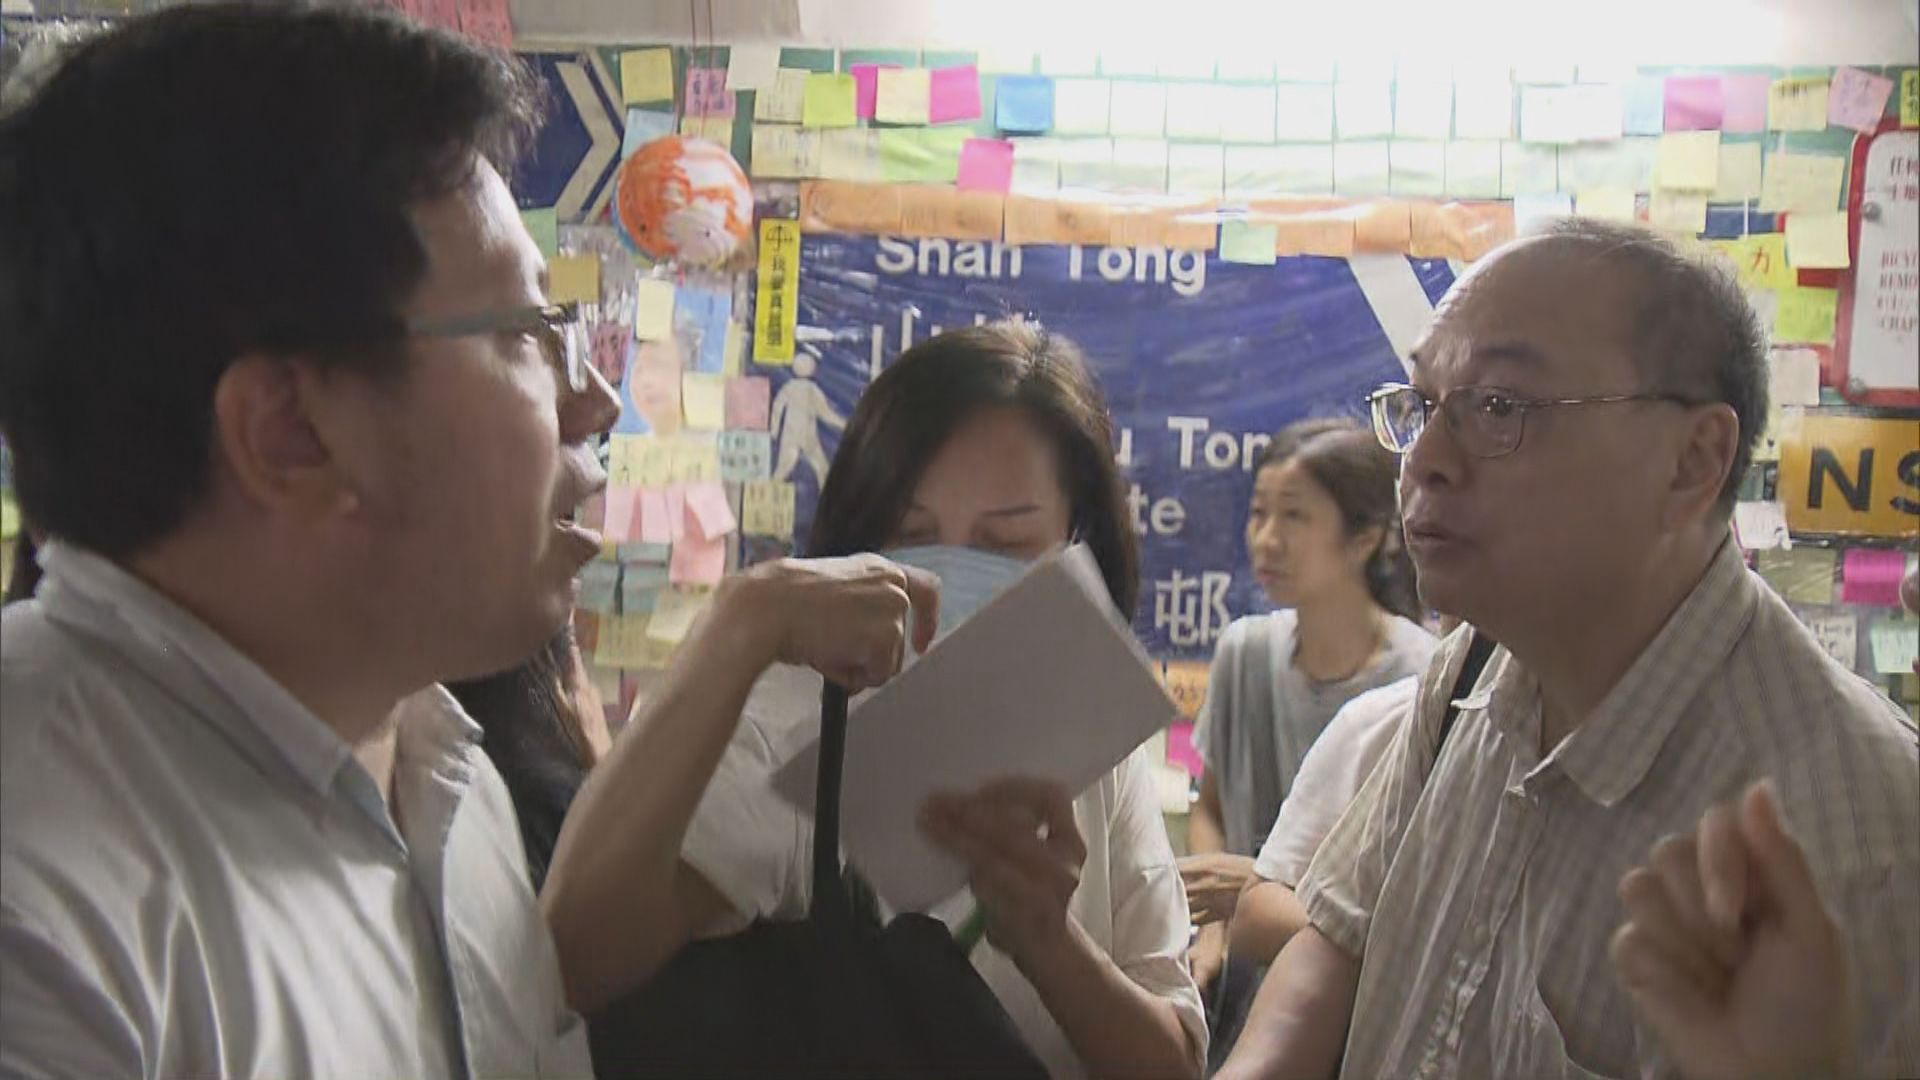 市民不滿「連儂隧道」紙張遮蓋路牌發生爭執